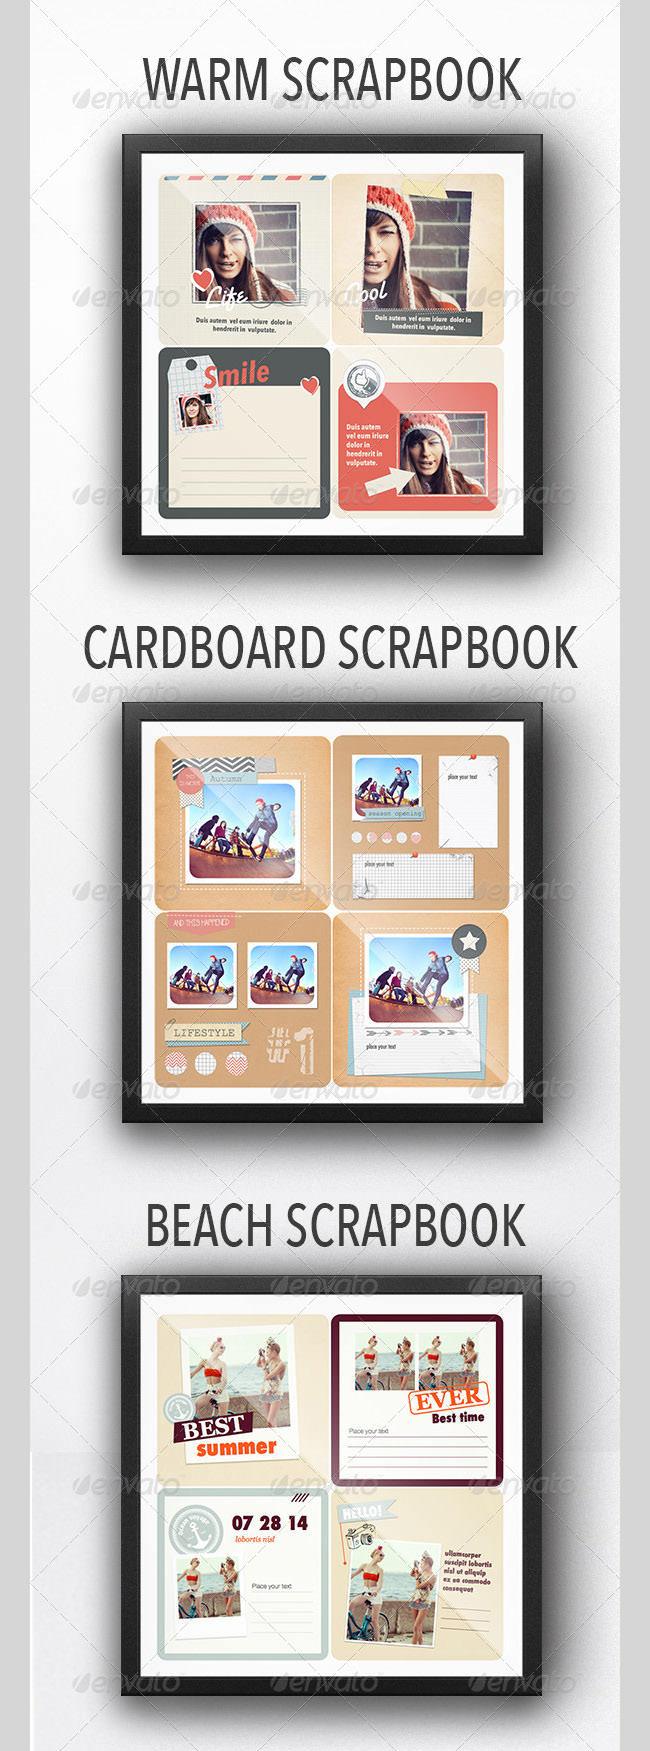 scrap book1